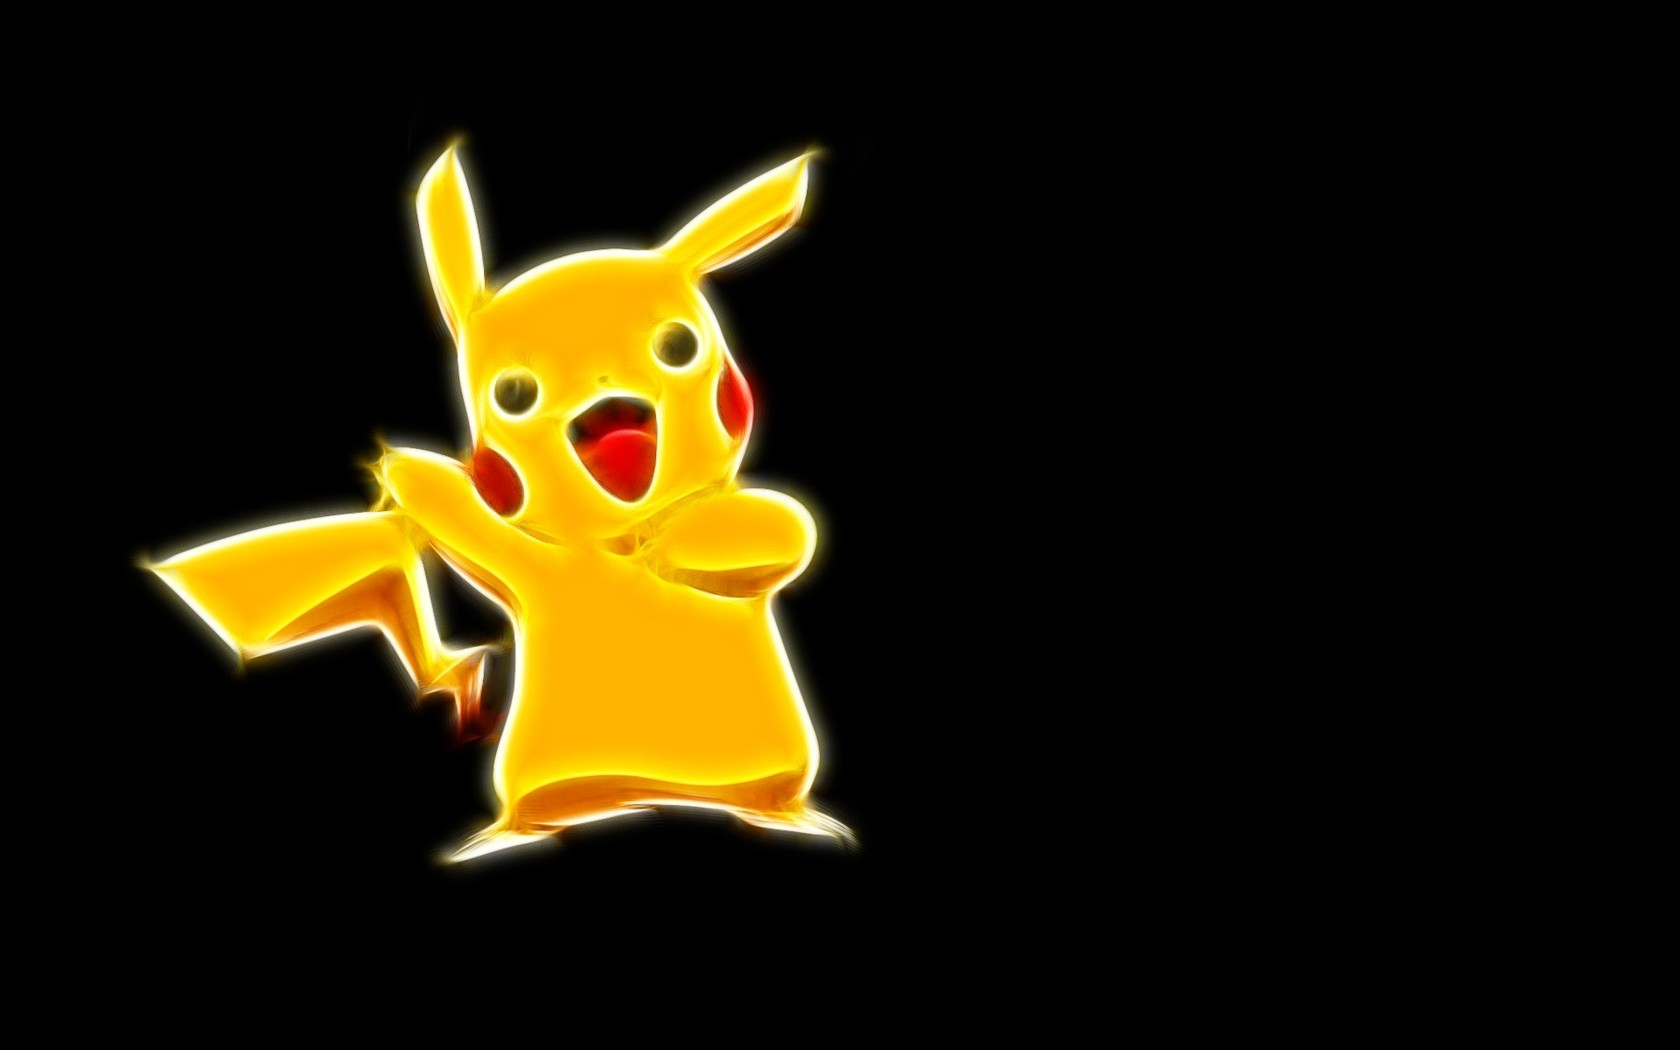 Pikachu   Pokemon wallpaper 4610 1680x1050